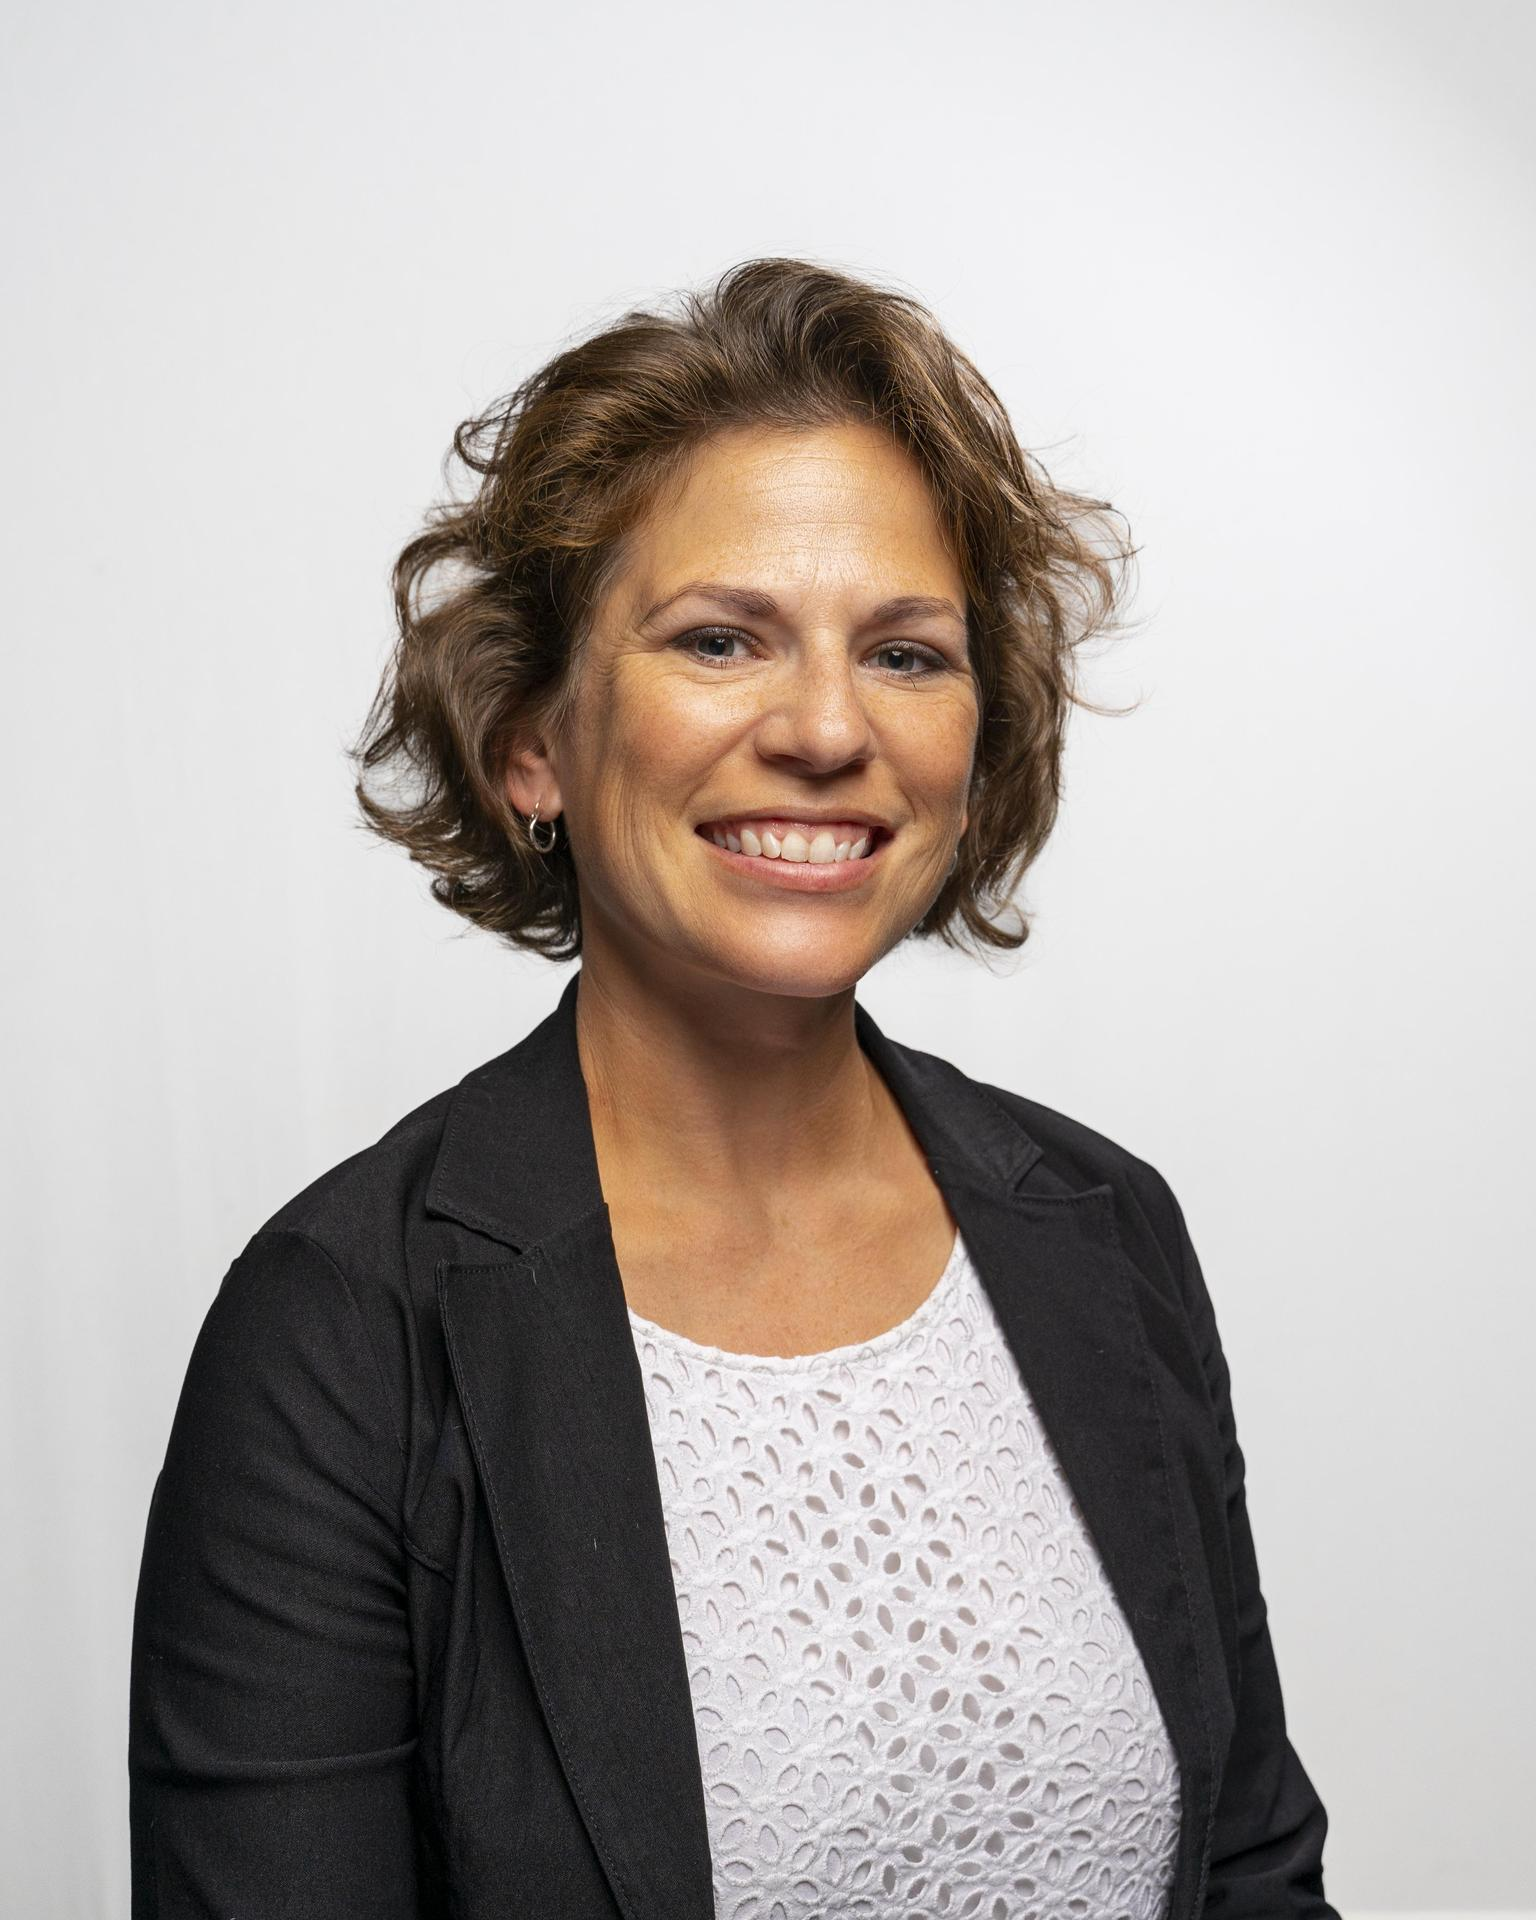 Lauren Biediger, Director of Dance - Department Chair